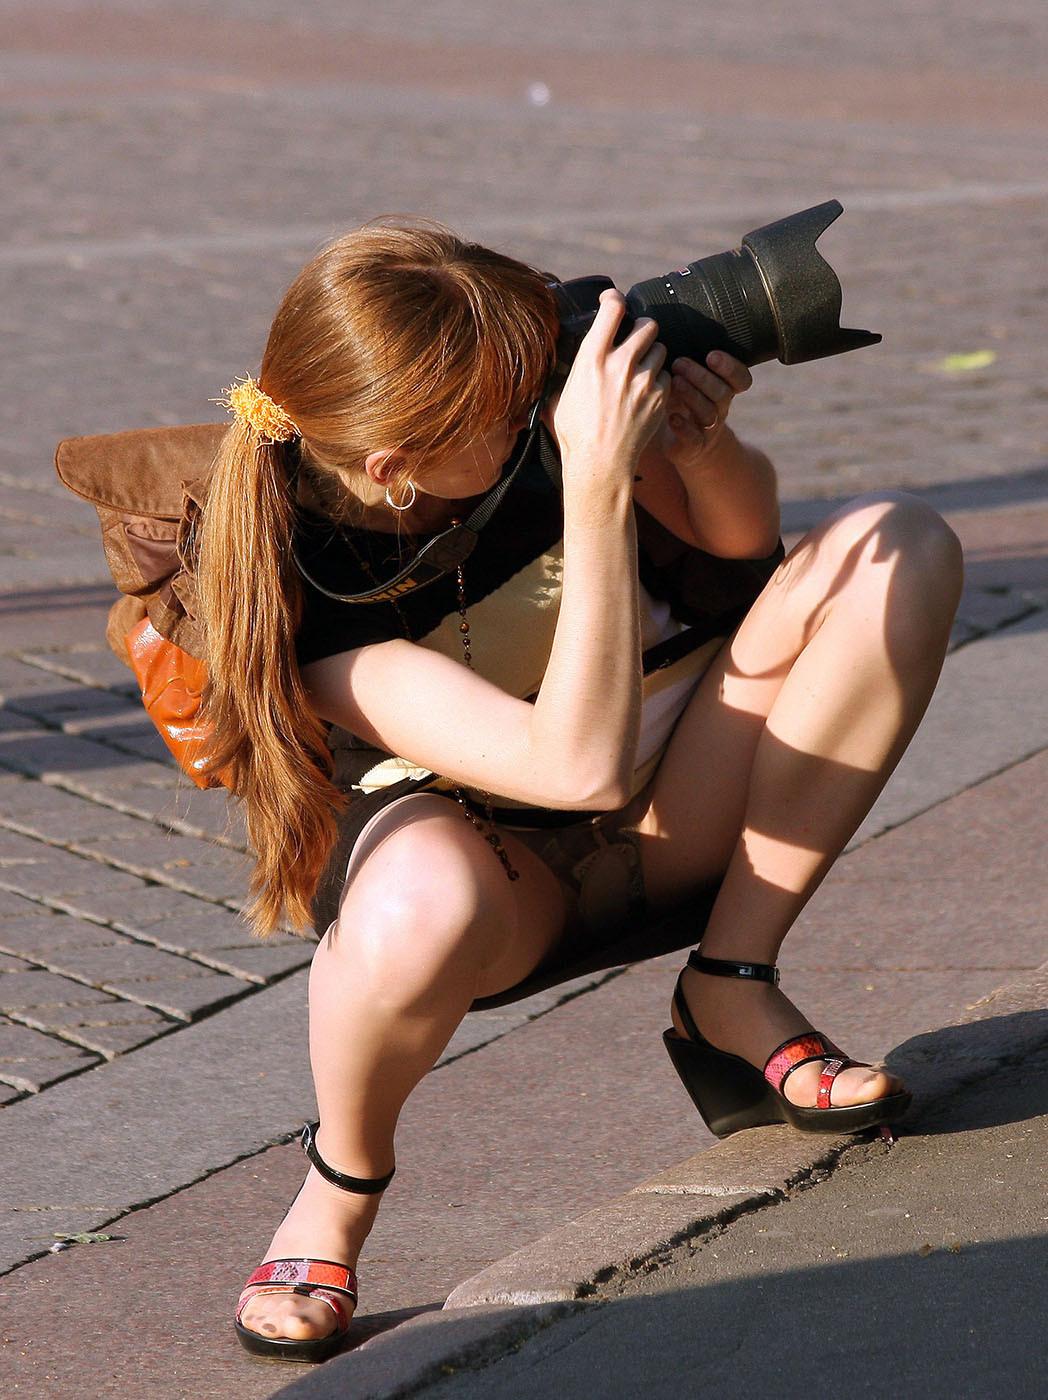 Што у девушек под юпкой 6 фотография